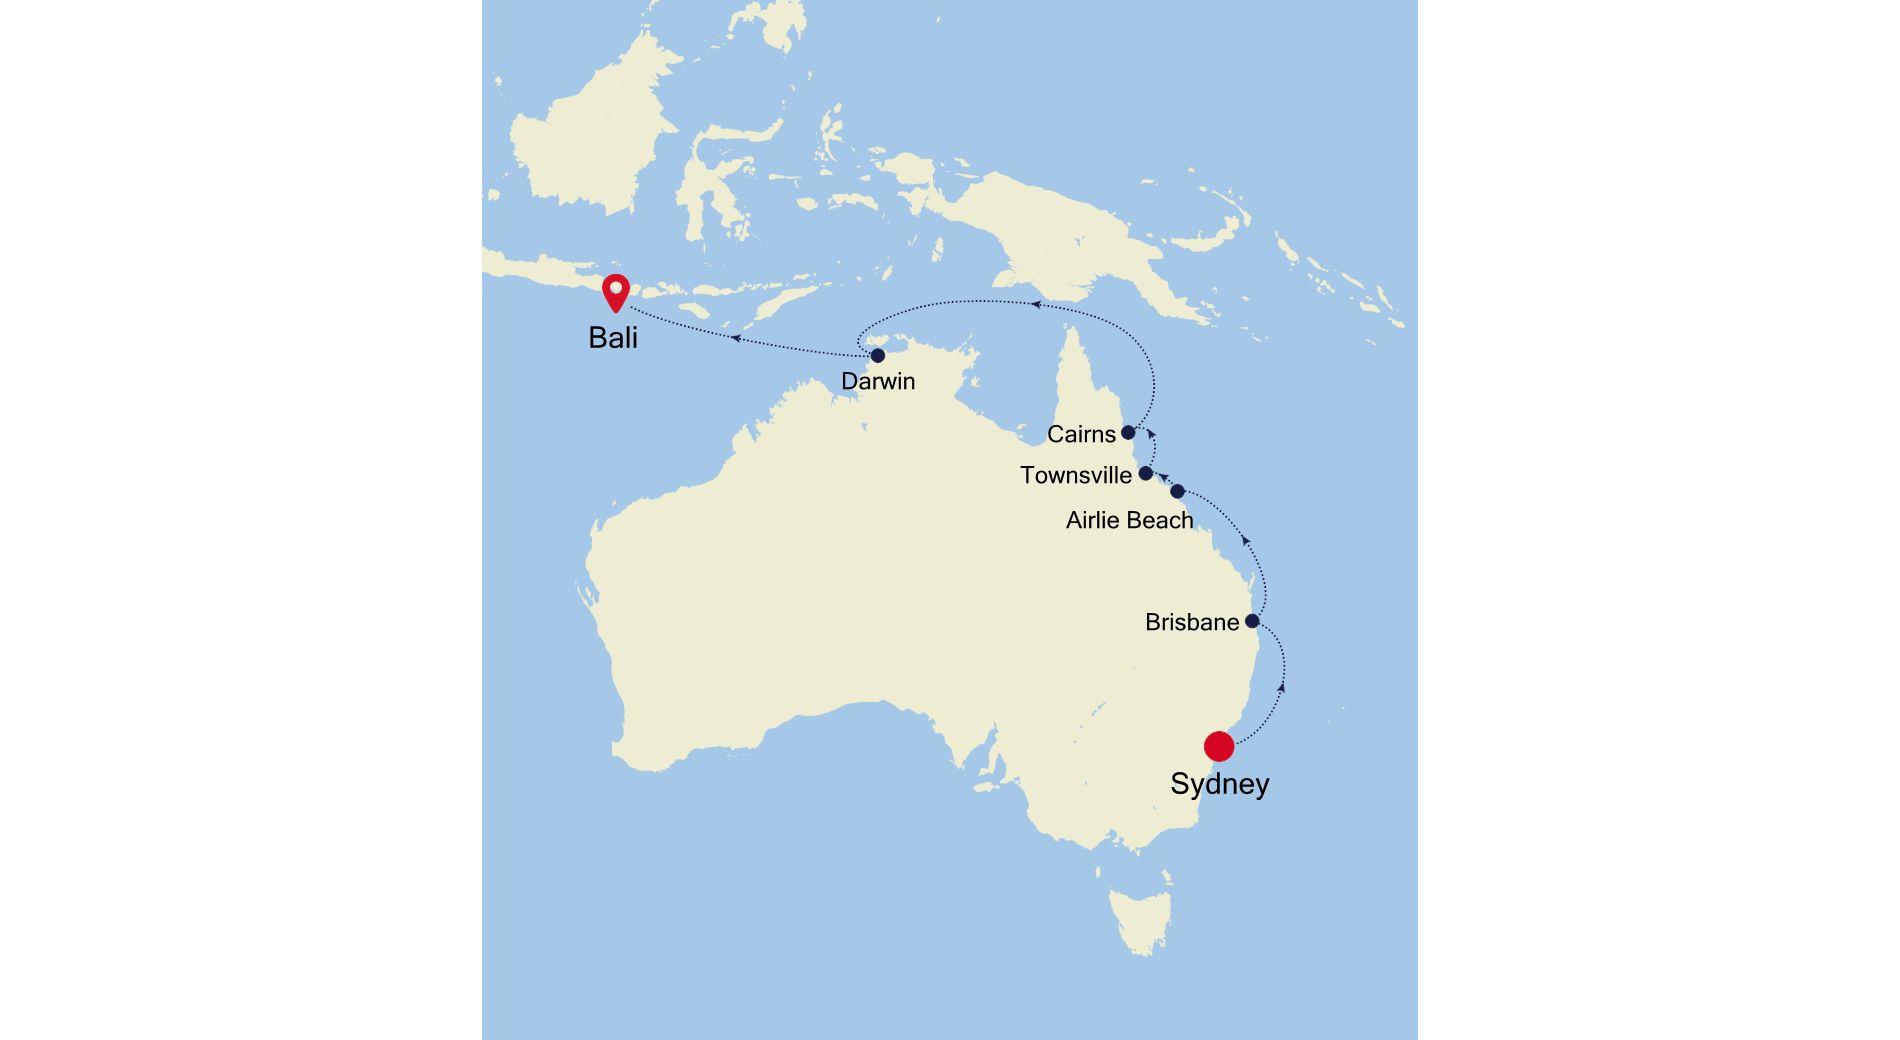 6007B - Sydney nach Bali